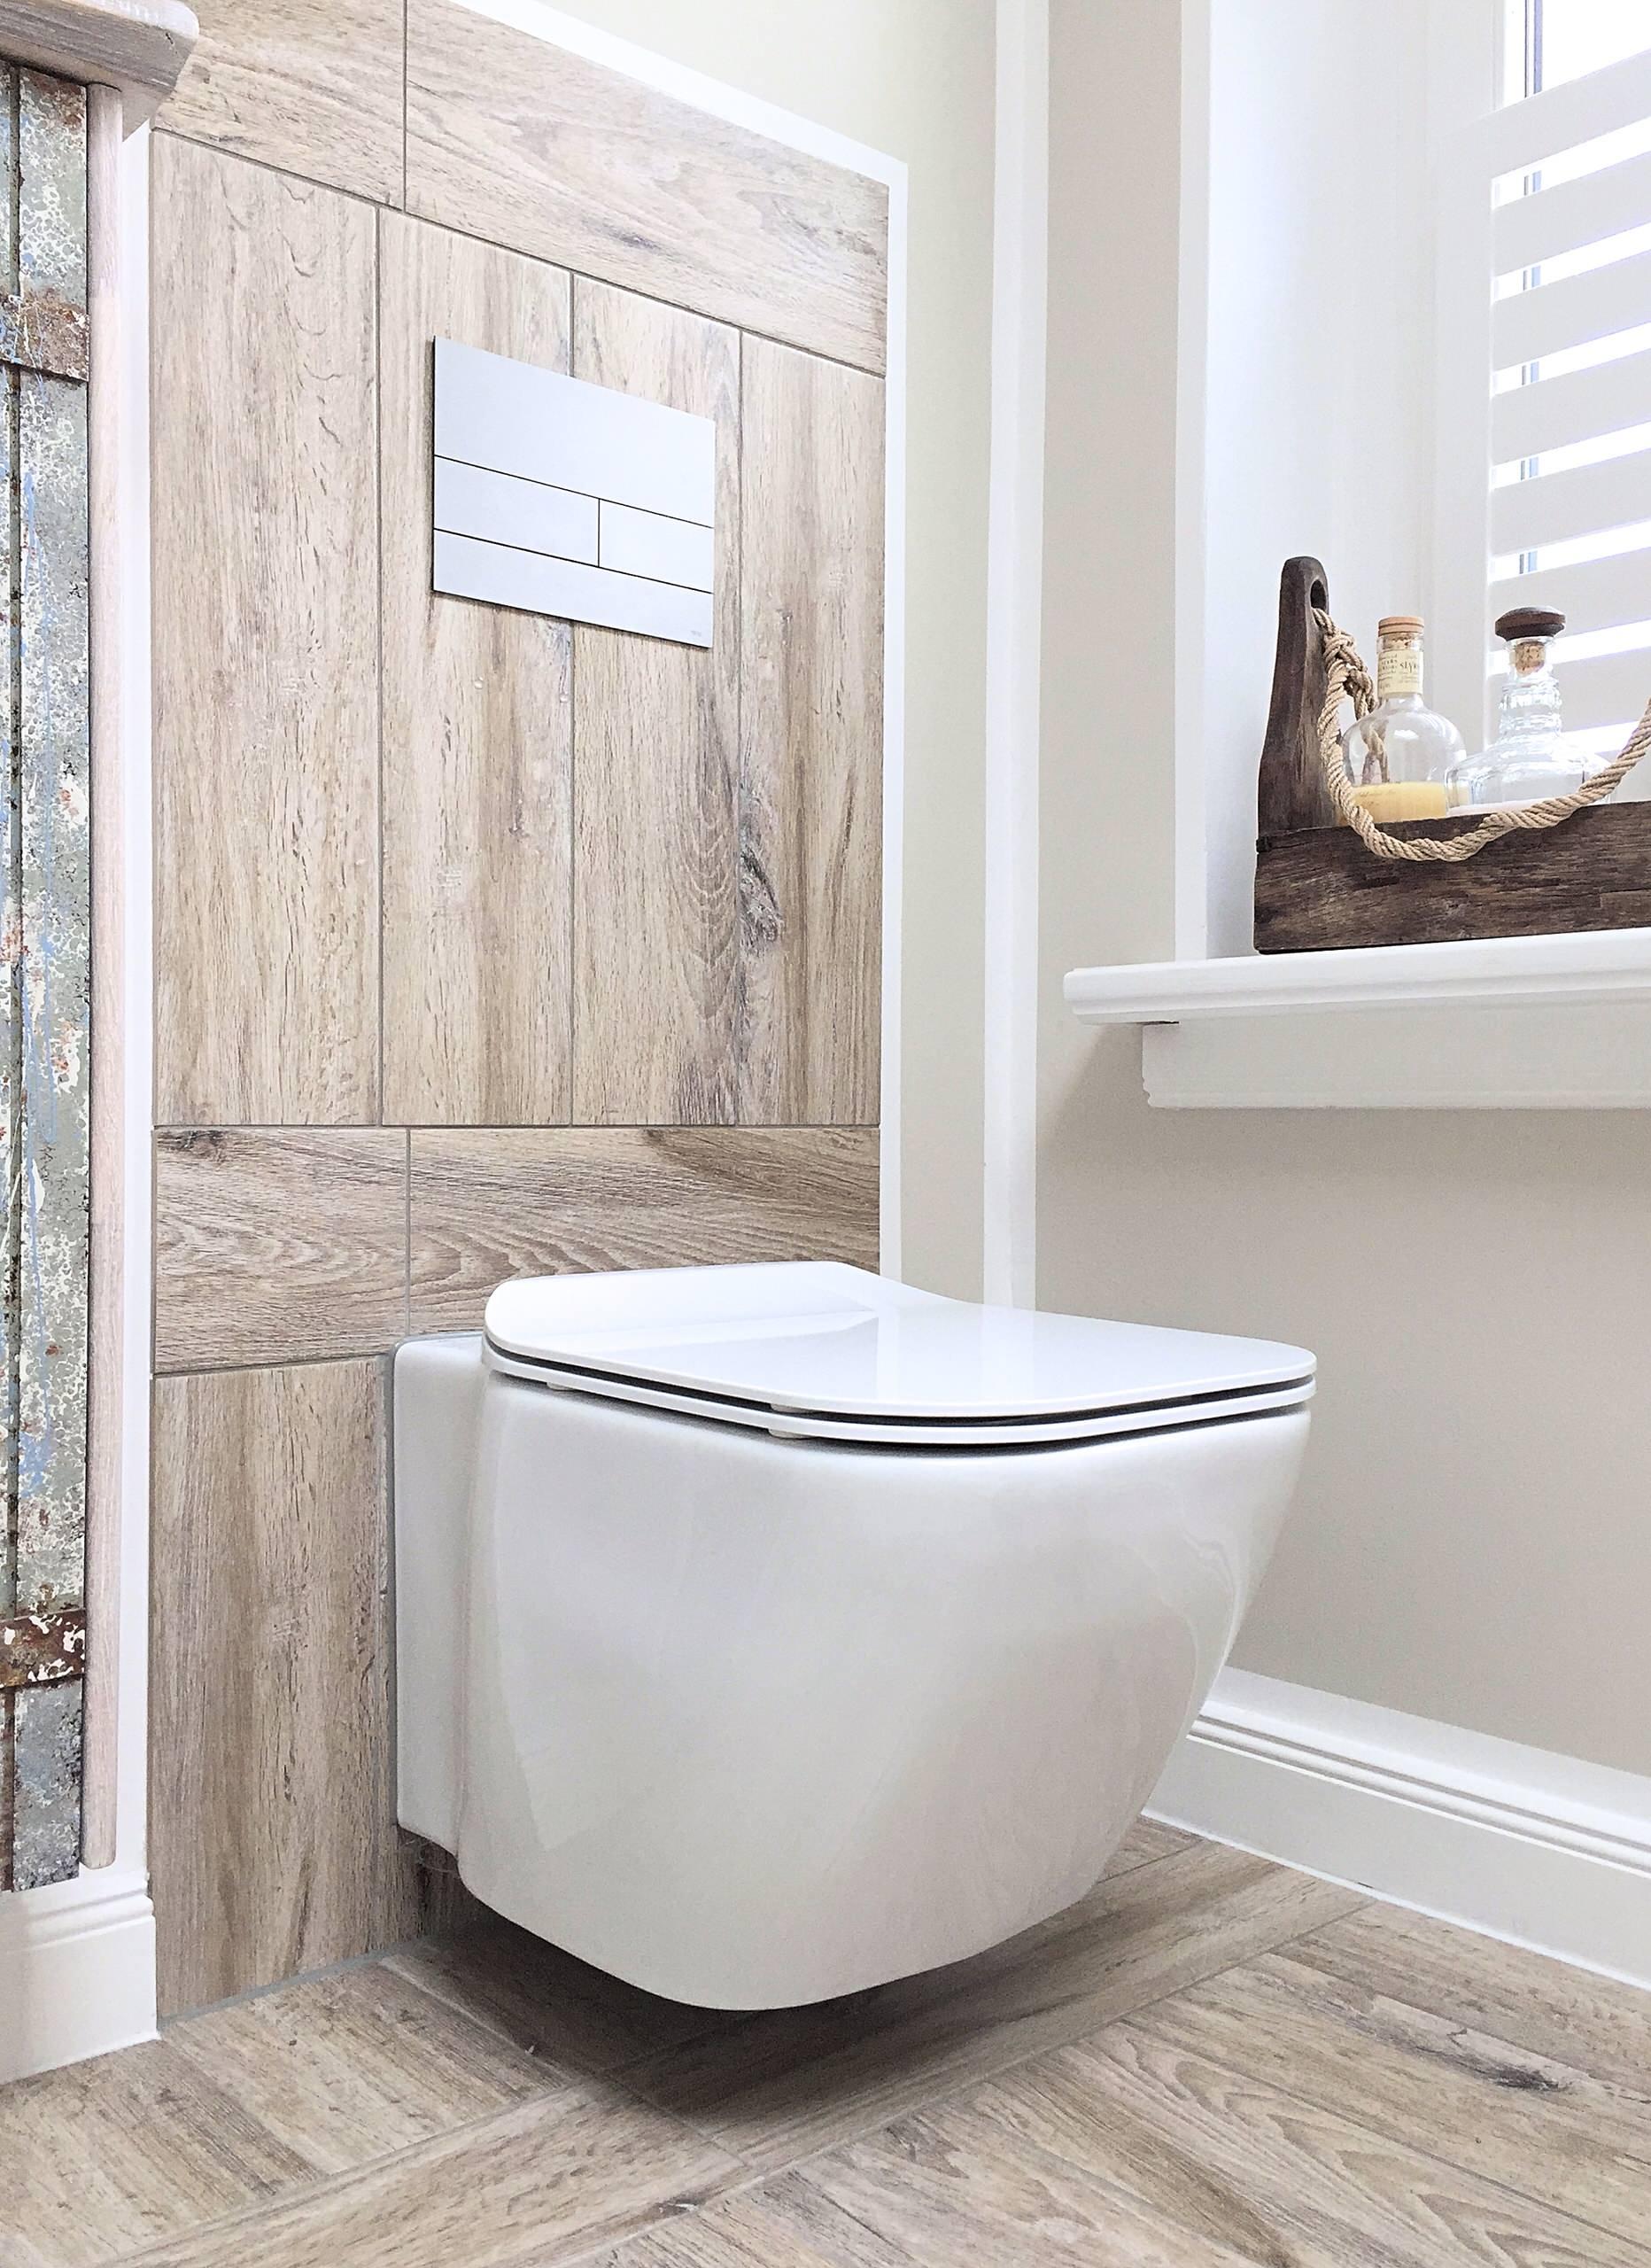 Eine ungewöhnliche WC Form mit Fliesenspiegel aus Bodenfliesen